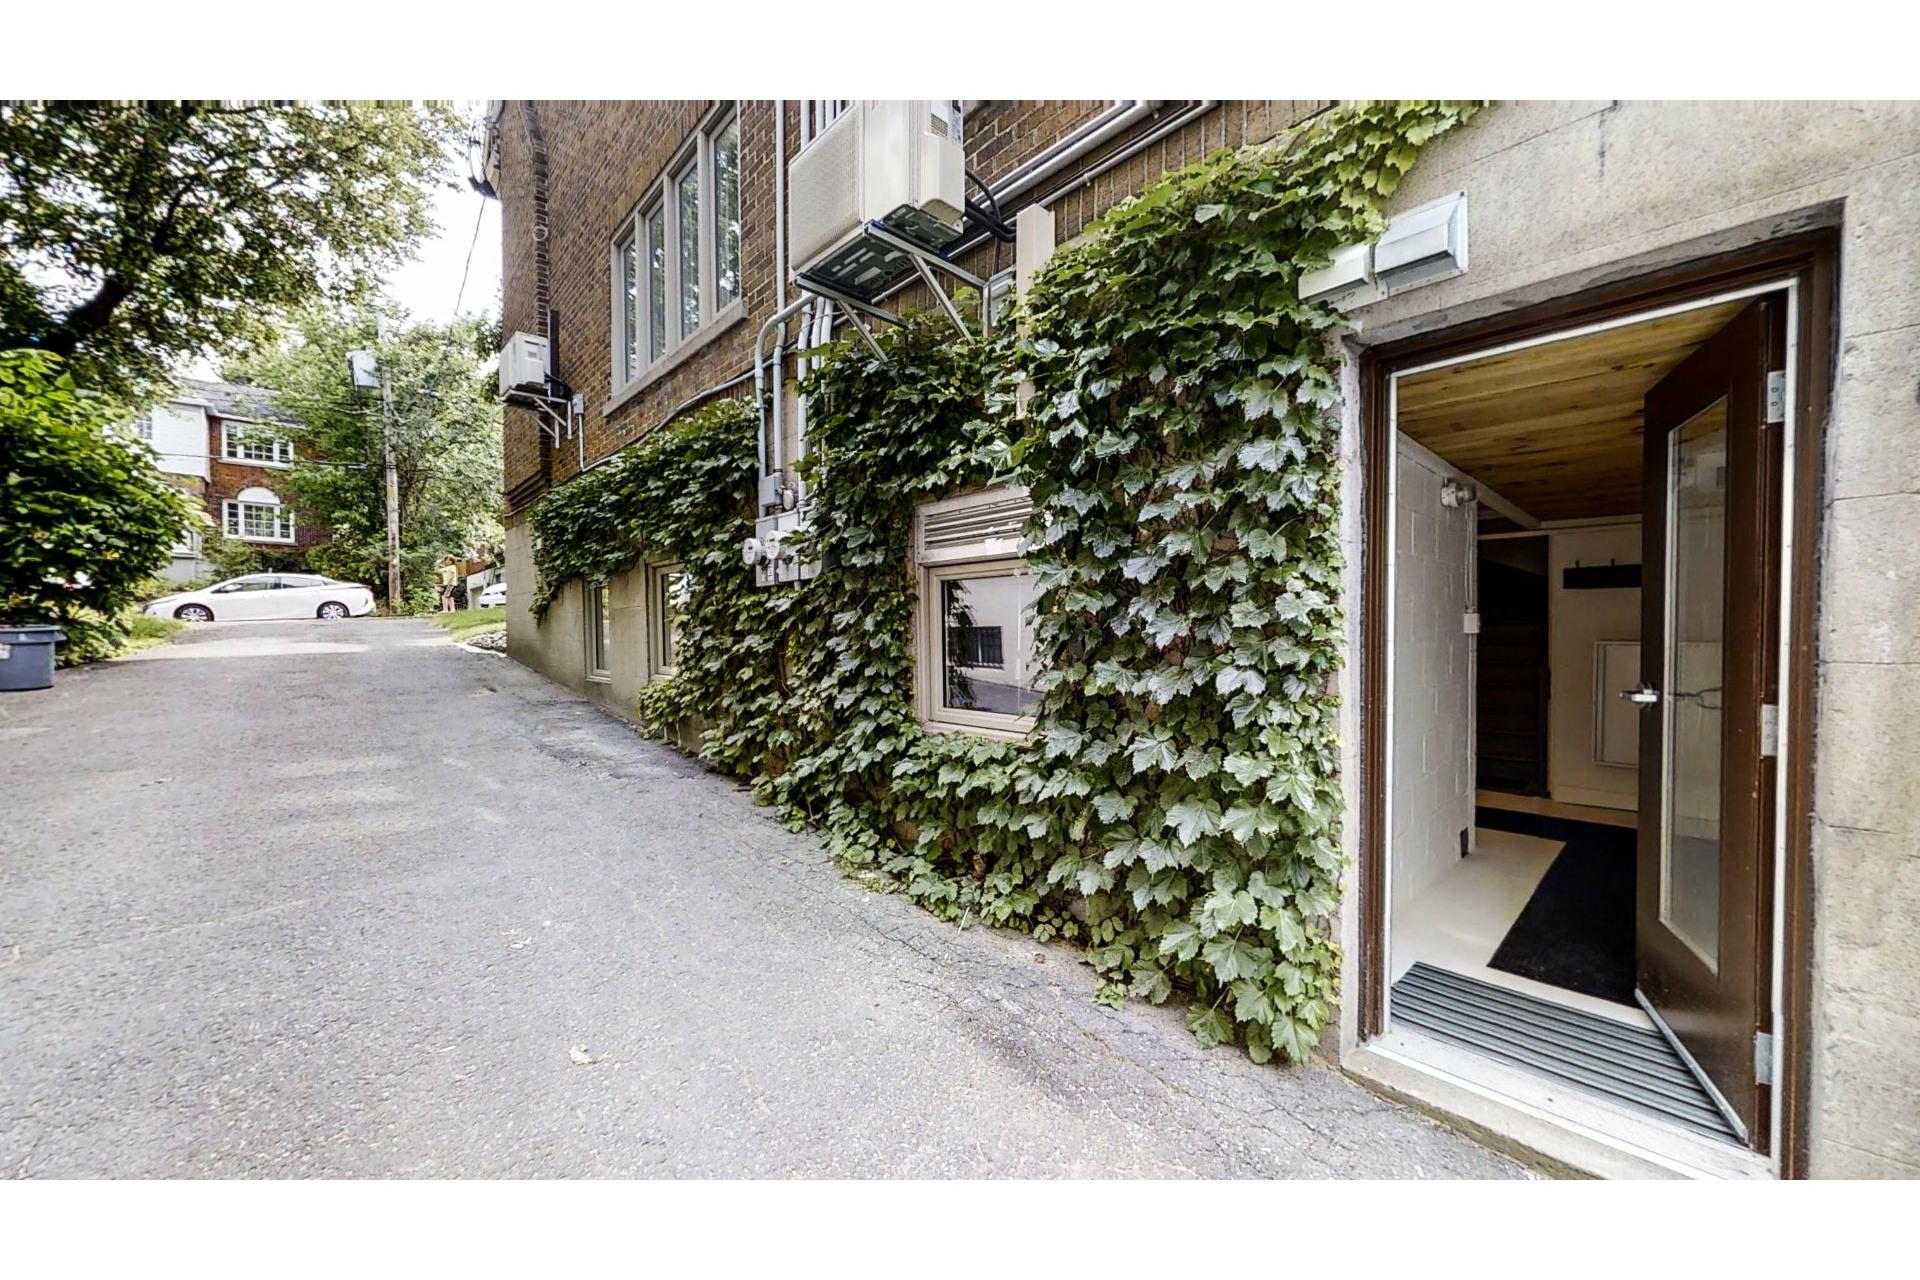 image 29 - Apartment For sale Côte-des-Neiges/Notre-Dame-de-Grâce Montréal  - 9 rooms